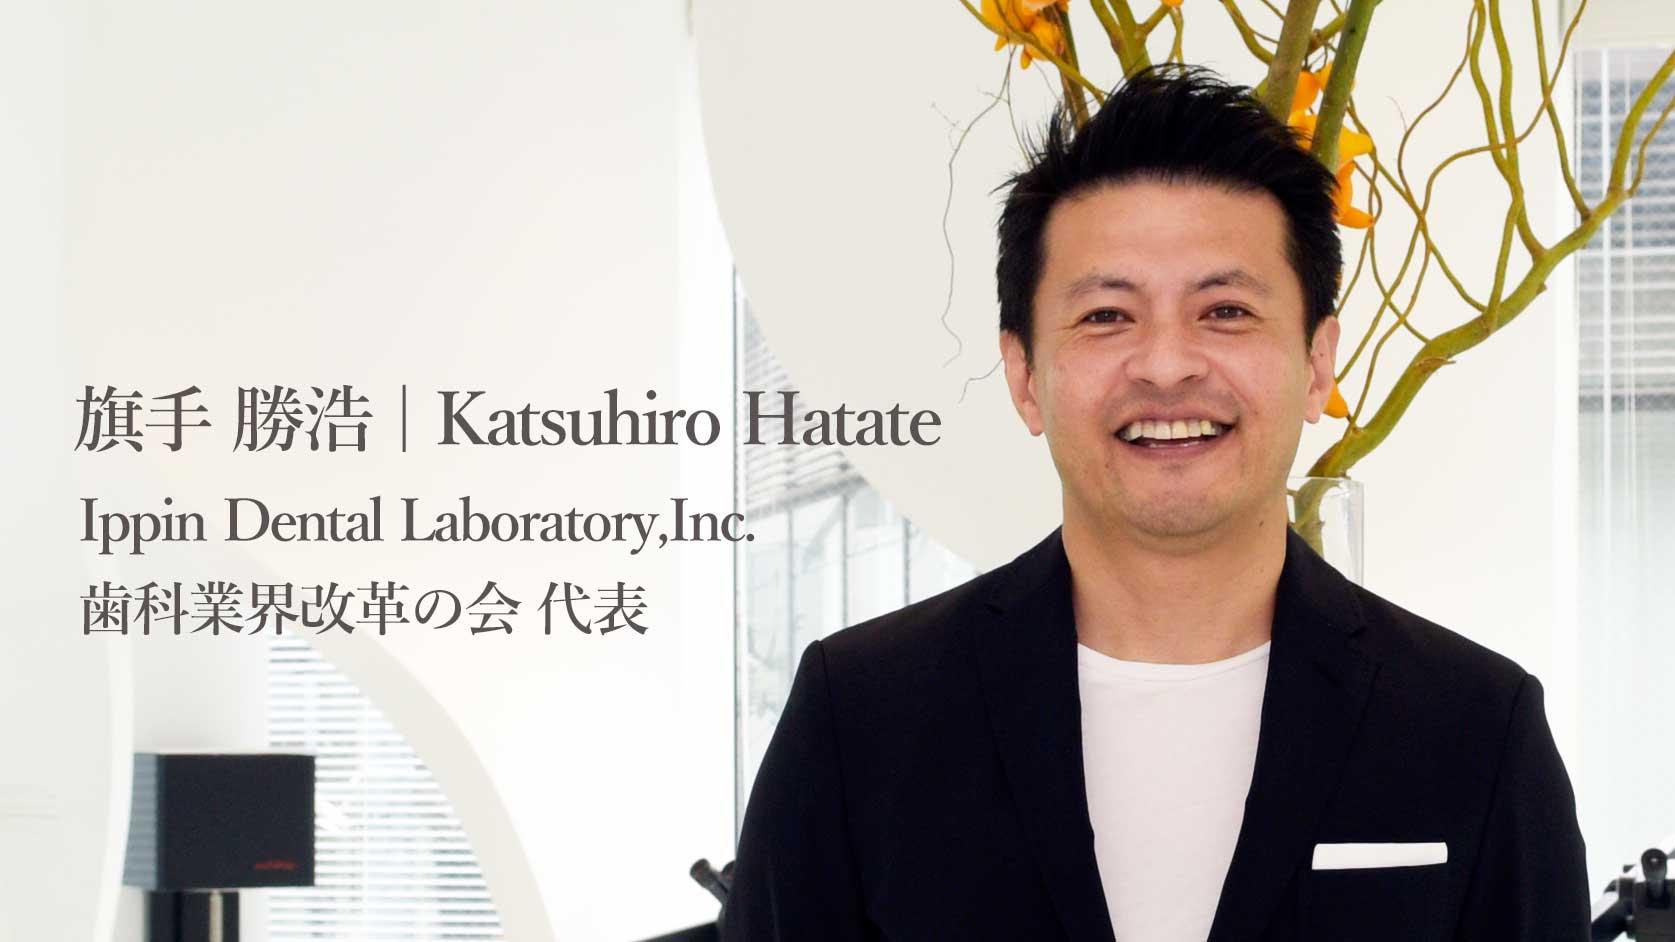 旗手勝浩氏『日本歯科医療を明日へと導く情熱と行動』